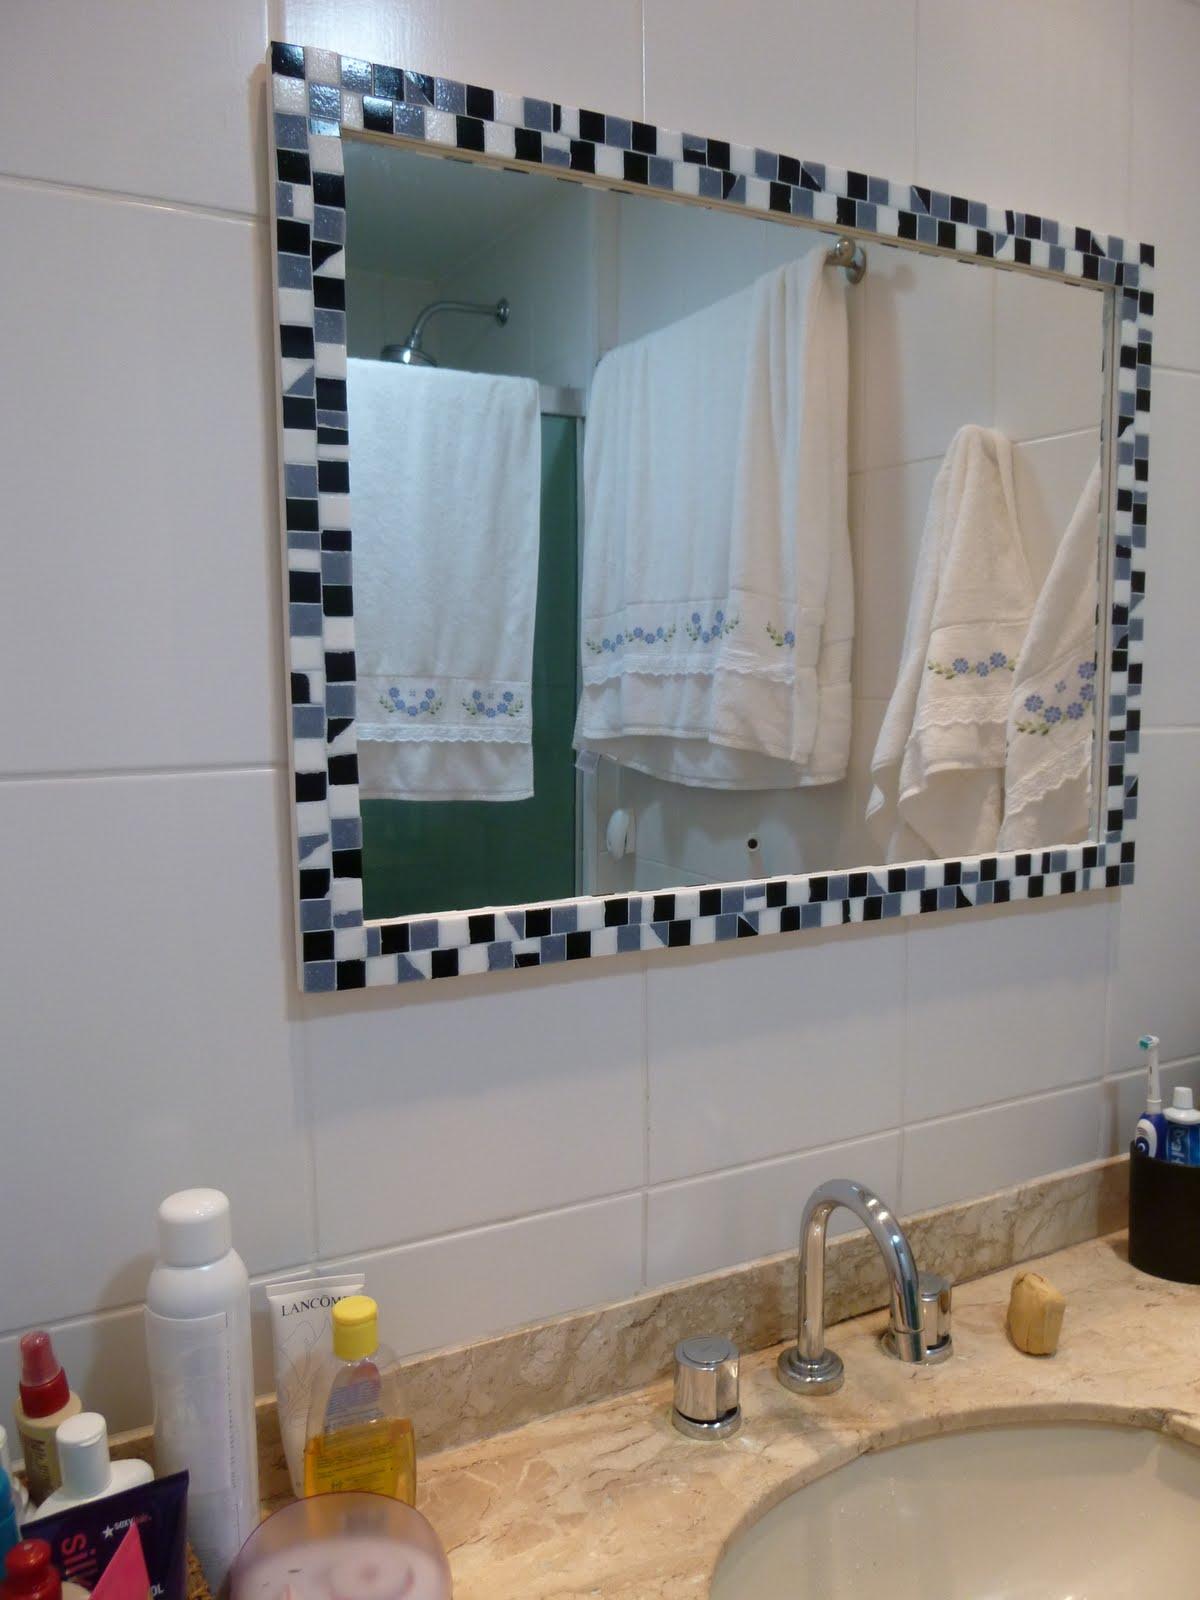 Casa de Mulher Solteira Enquanto isso -> Banheiro Com Pastilha Em Volta Do Espelho